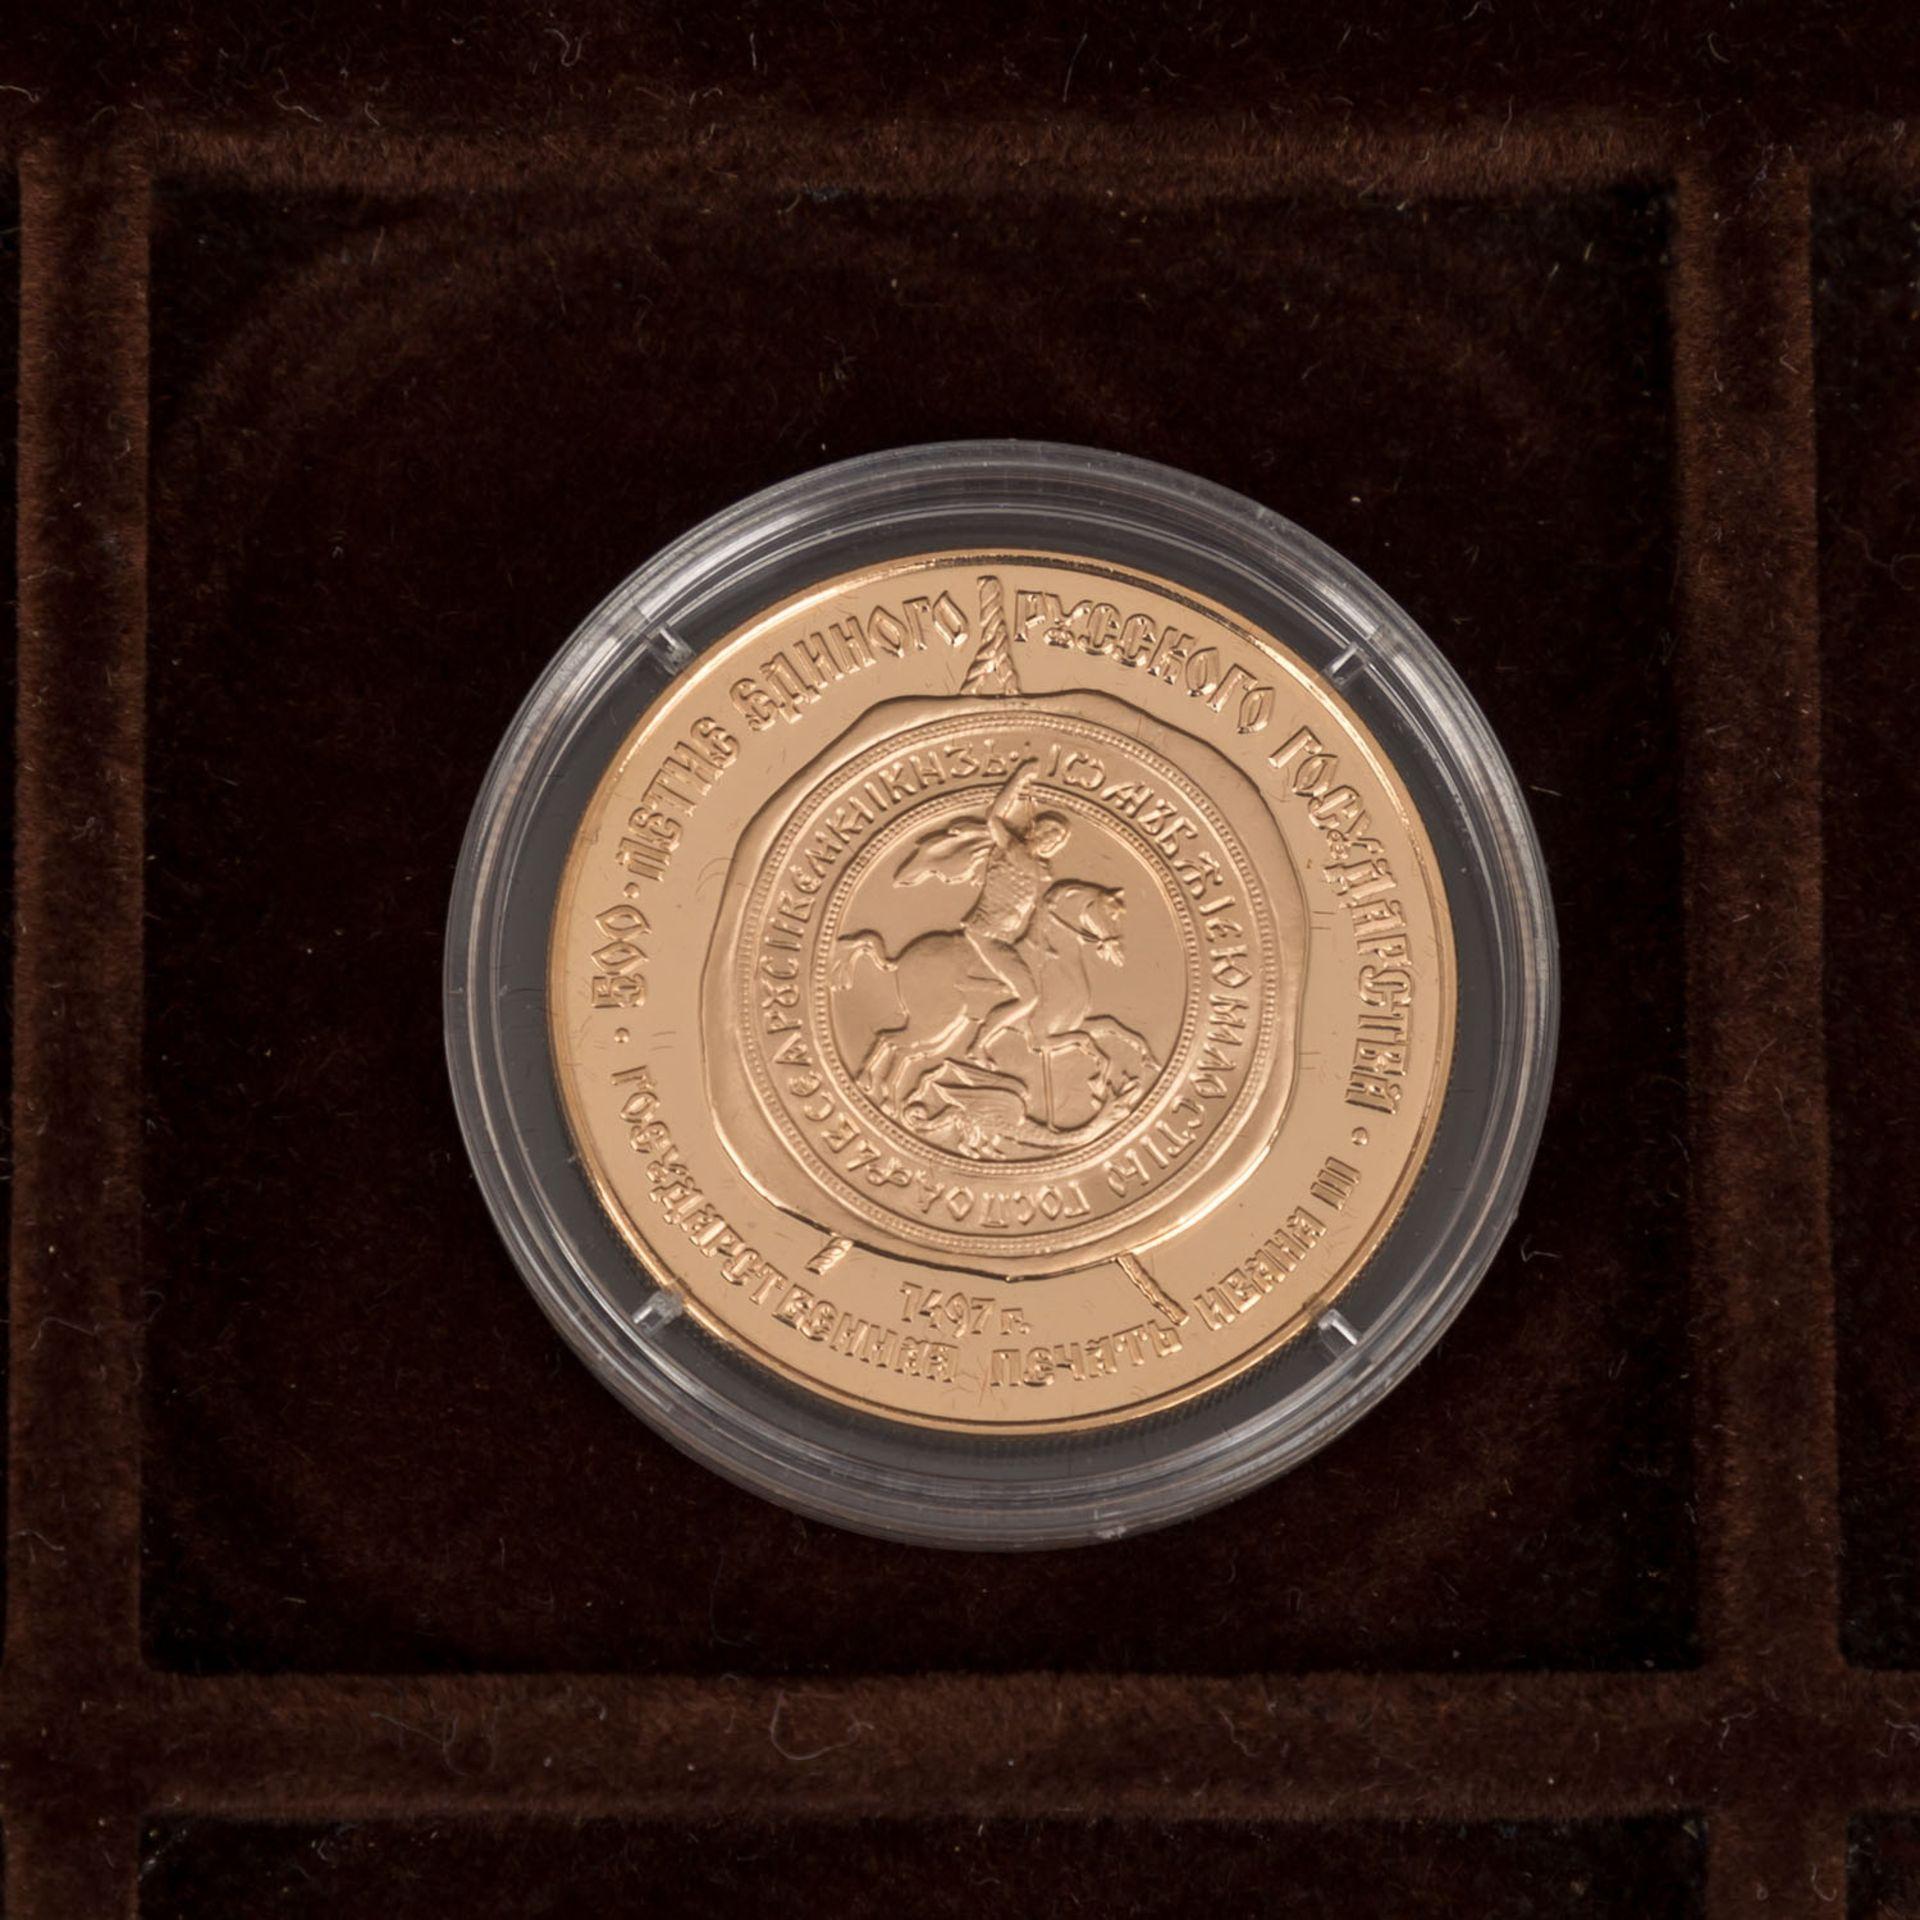 GOLDSCHATZ ca. 83 g fein, Holzkiste bestehend aus - Bild 4 aus 9